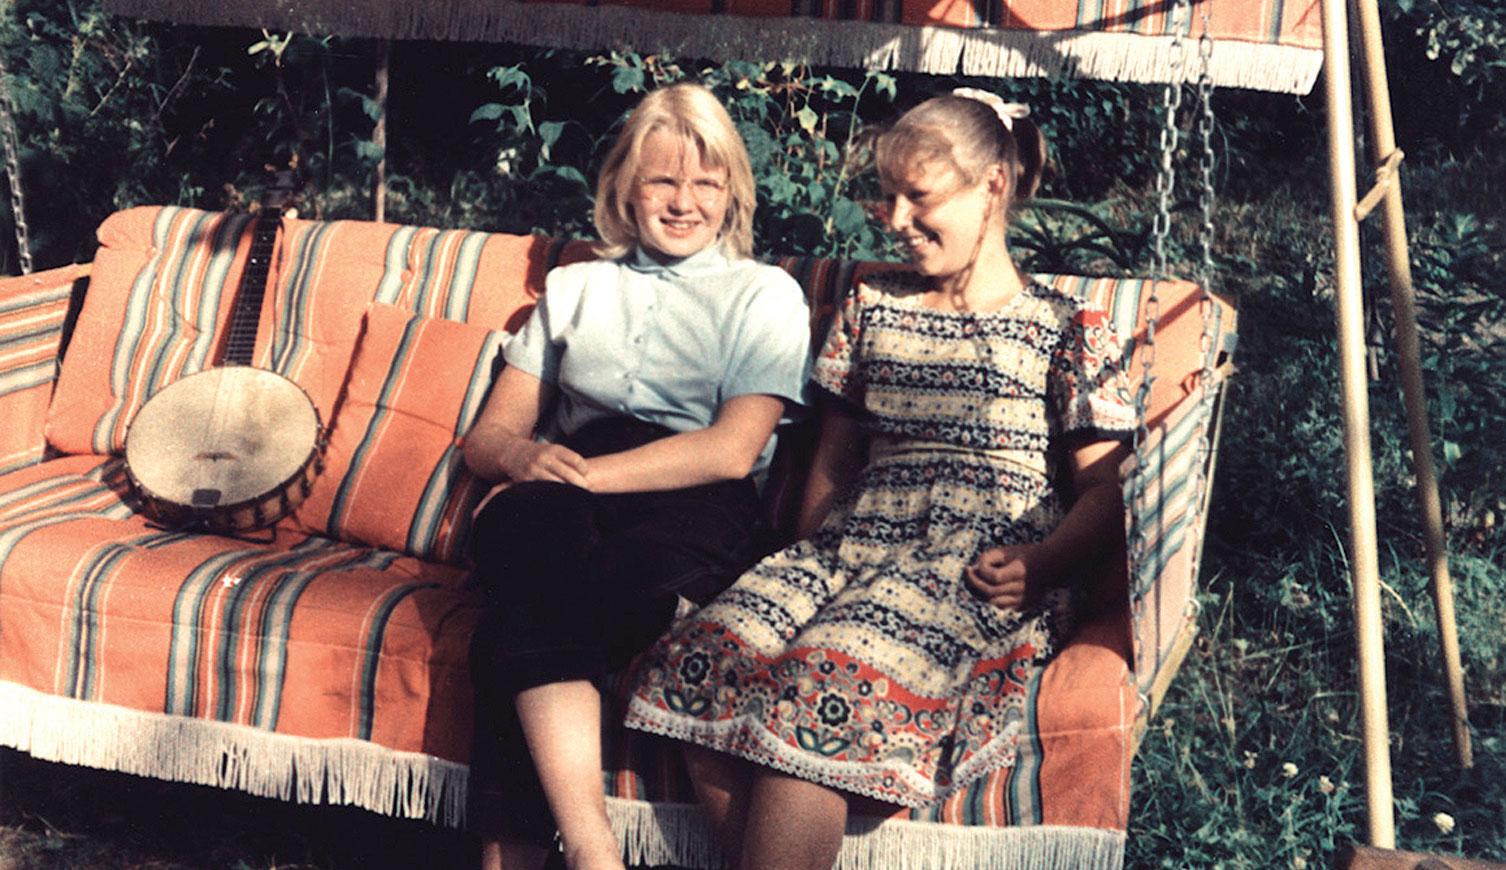 Perinteisesti kesävieraat kuvattiin istumassa keinussa, kuten Jeren Jäppisen äiti ystävättärensä kanssa. Sama keinu on yhä mökkipuutarhan suosittu löhöilypaikka.